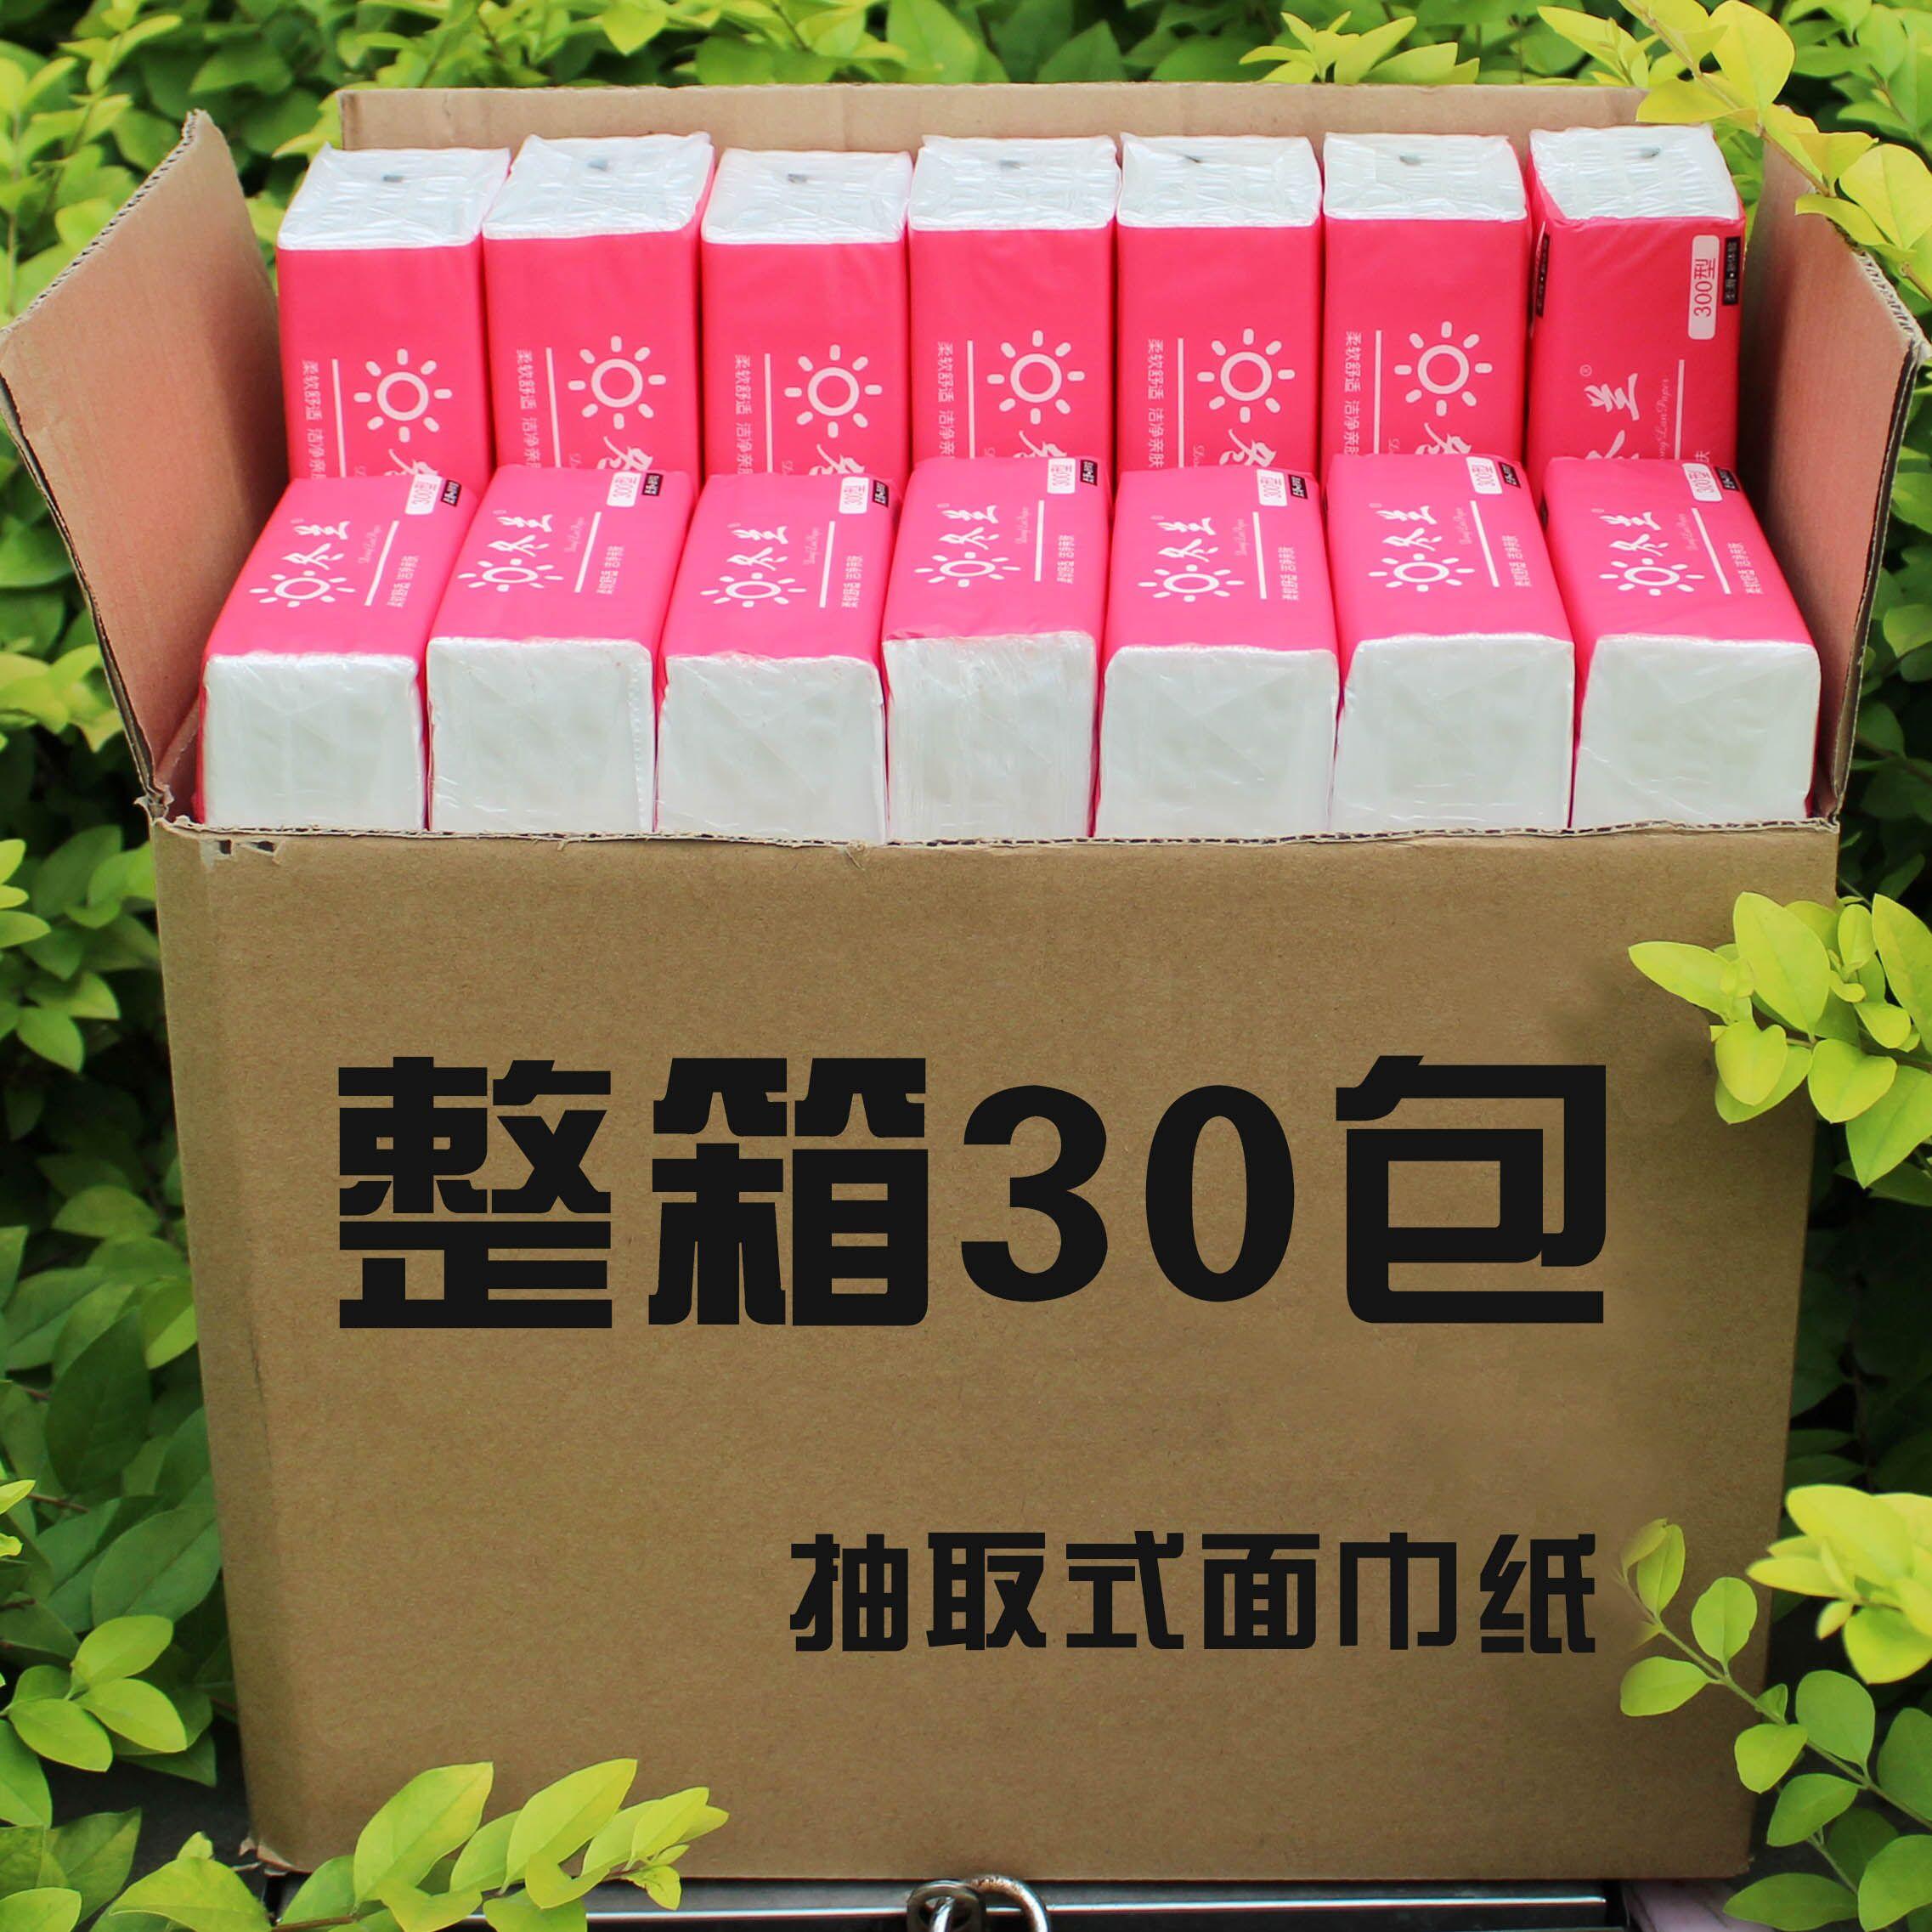 冬兰抽纸可湿水原木浆30包4层300张纸婴儿卫生纸餐巾纸抽纸面巾热销314件不包邮